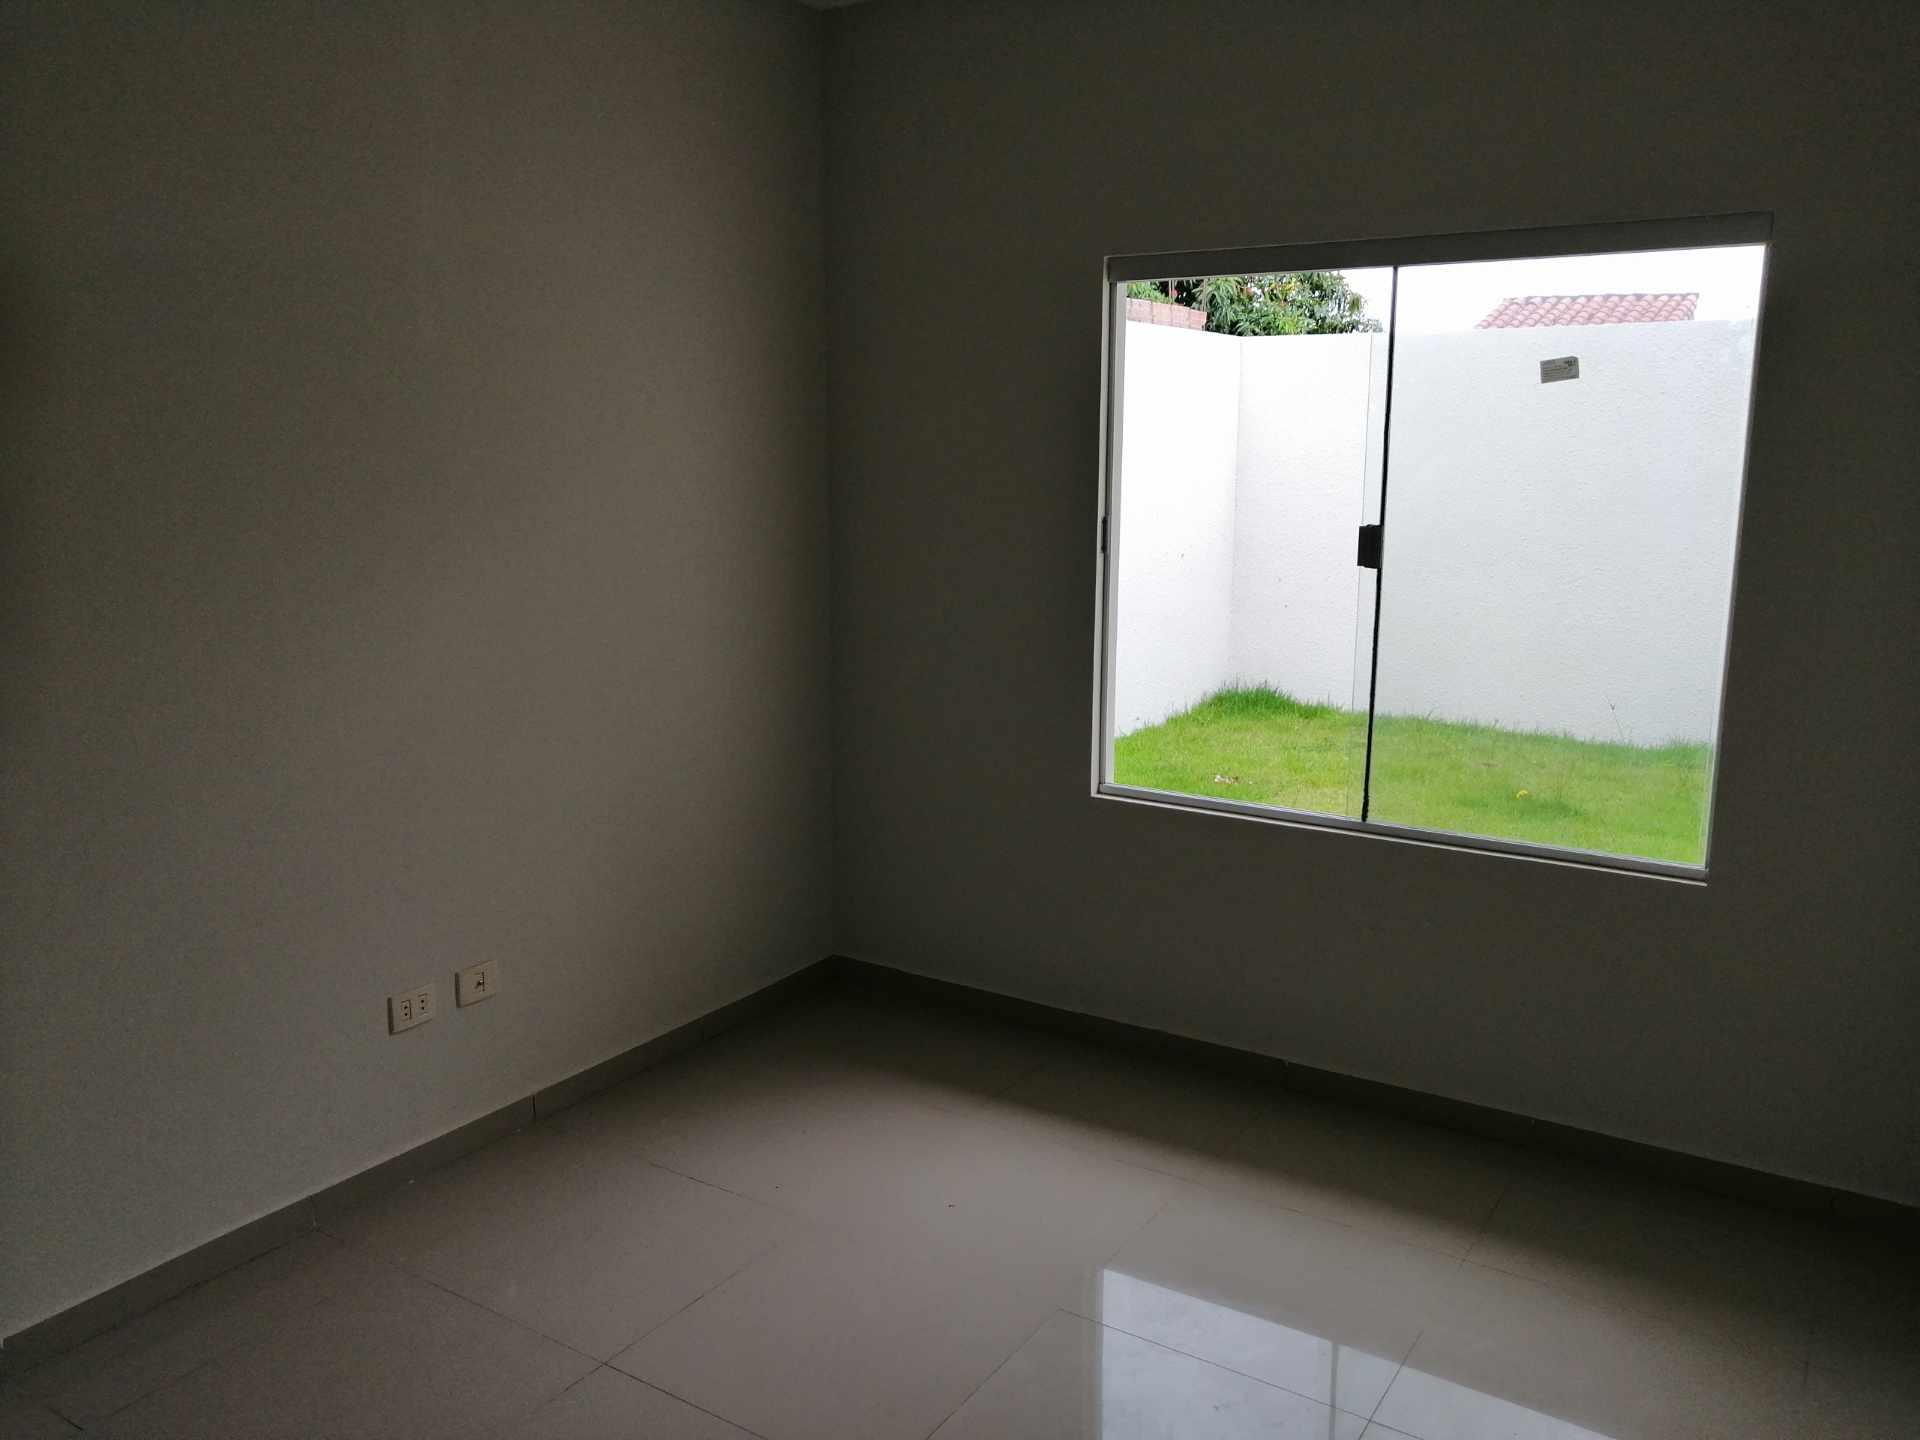 Casa en Venta Avenida bolivia y Radial 13 entre 6 Anillo Foto 2